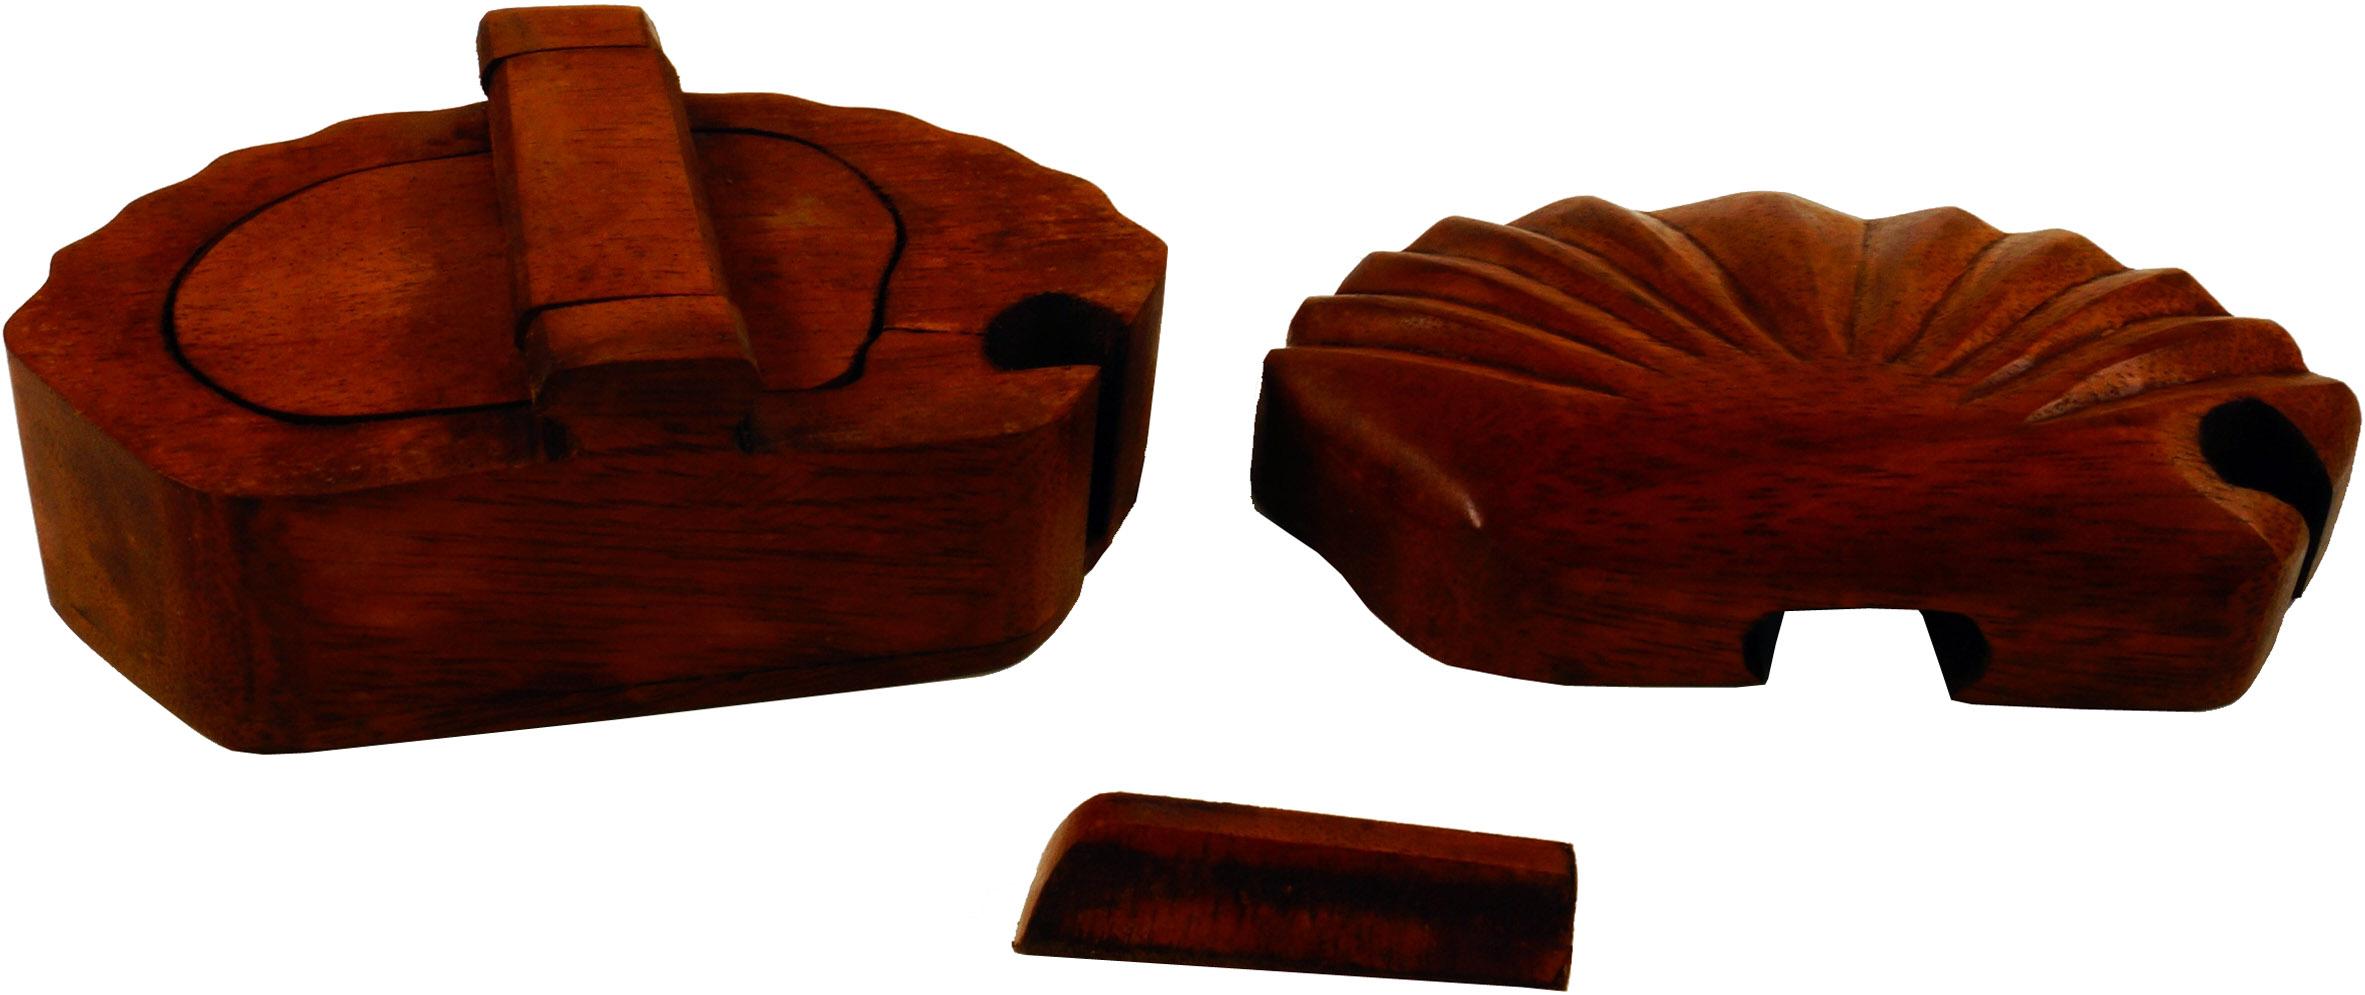 3 Stücke Miniatur Fee Garten Pilz Ornament Puppenhaus Blumentopf Figur Diy  W4S5